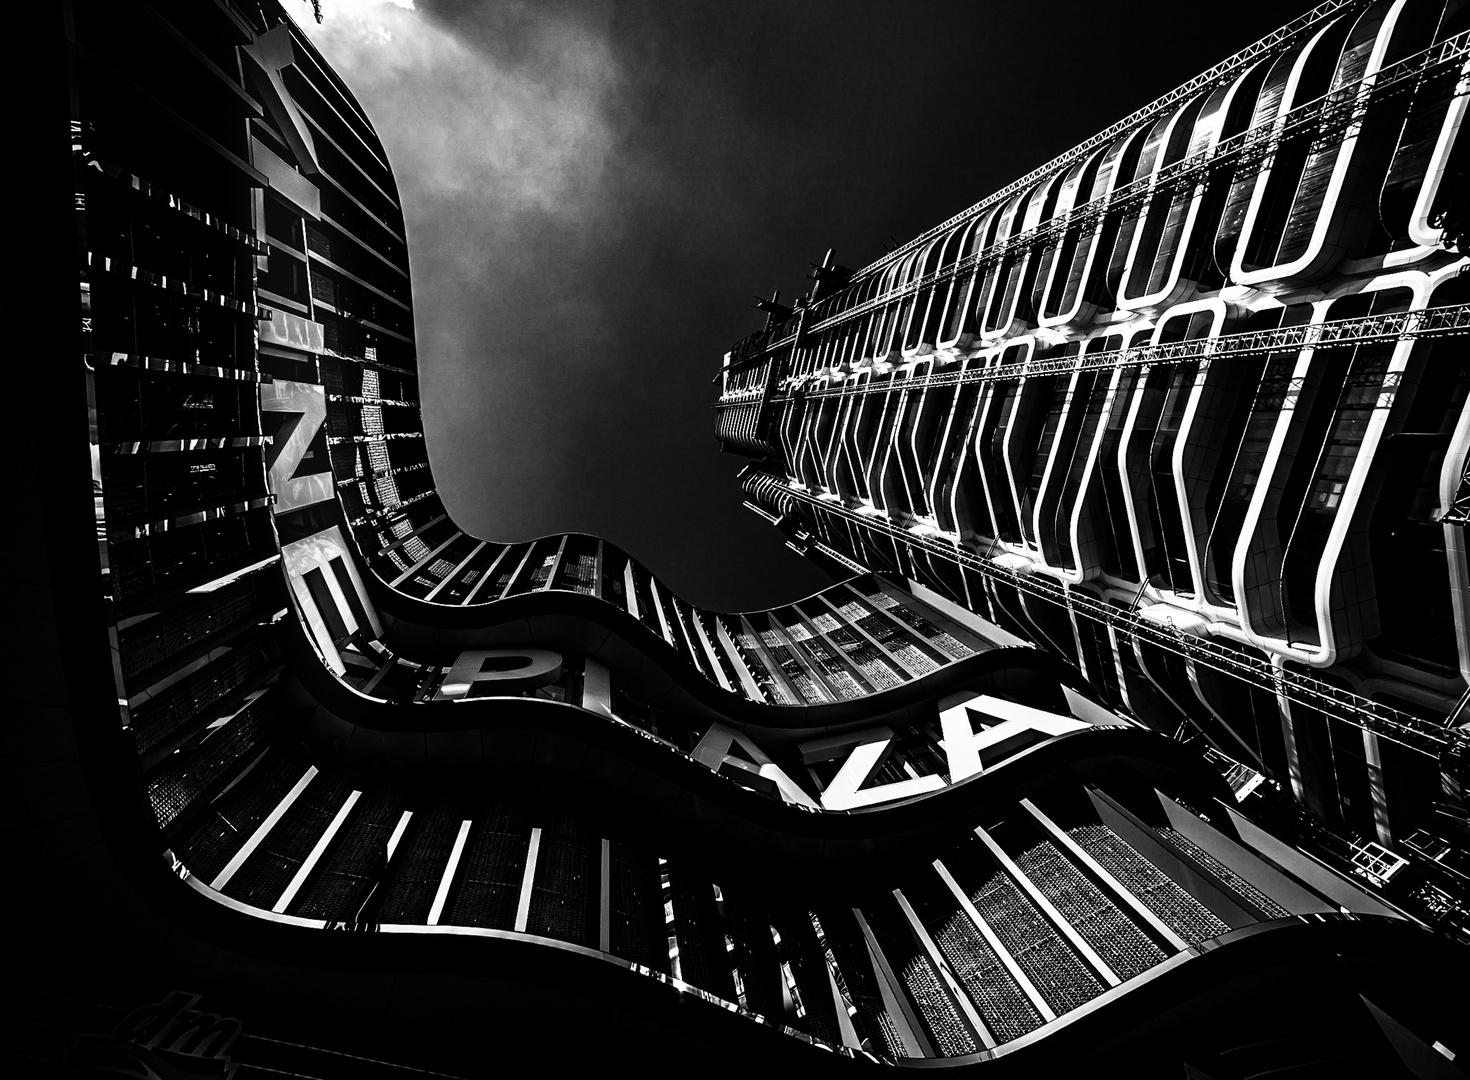 Darkitecture XI